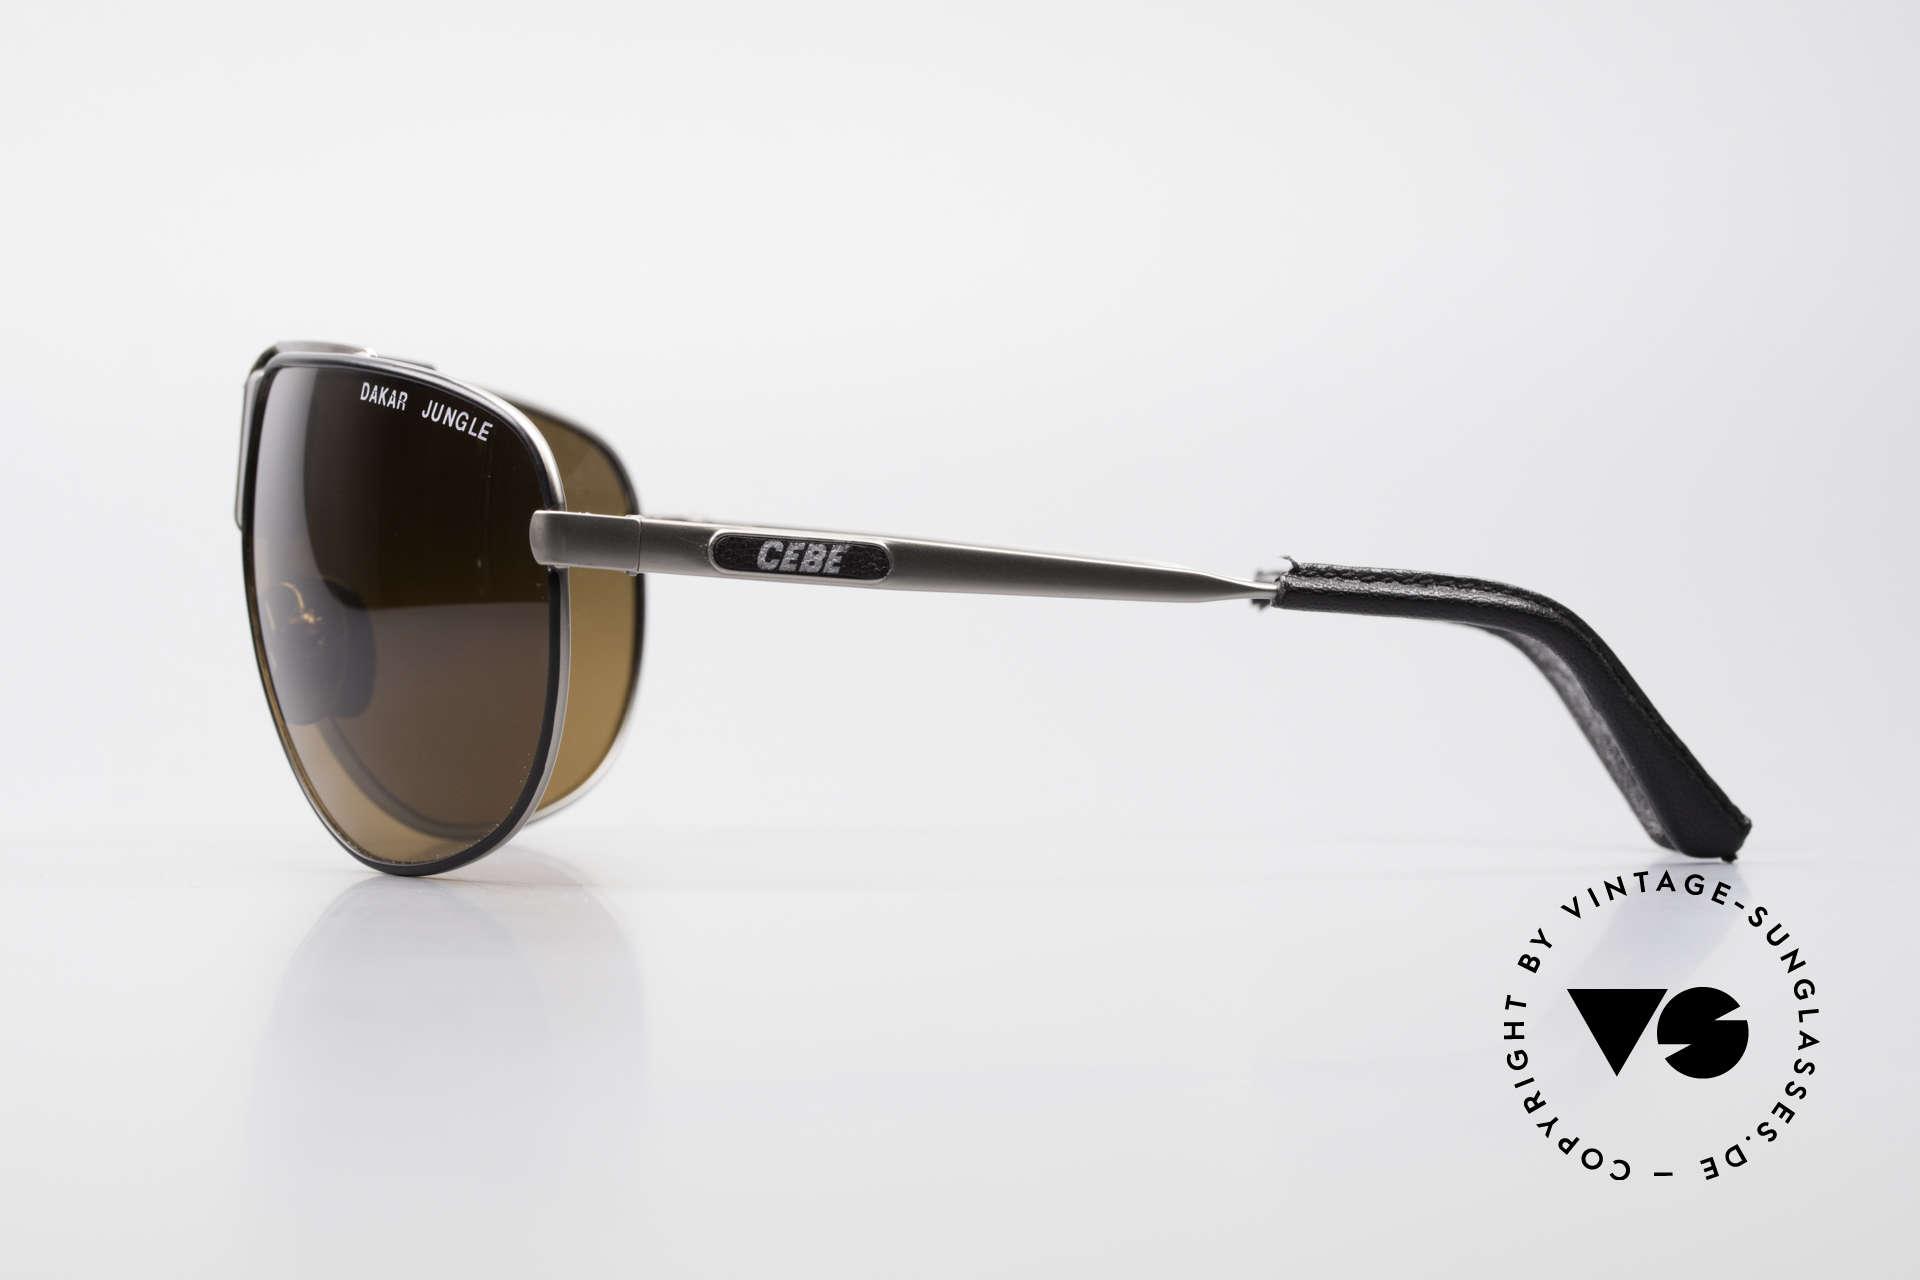 Cebe Dakar Jungle QD02 High-Tech Renn Sonnenbrille, Spiegelgläser für extremste Sonneneinstrahlung, Passend für Herren und Damen